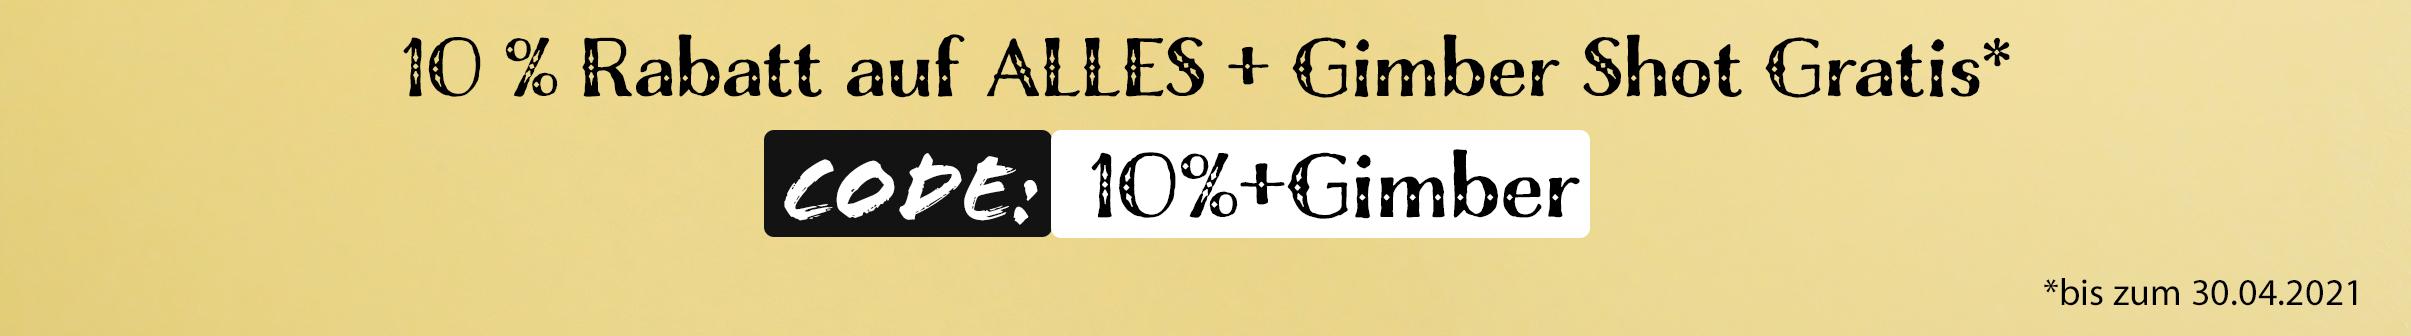 10%+Gimber